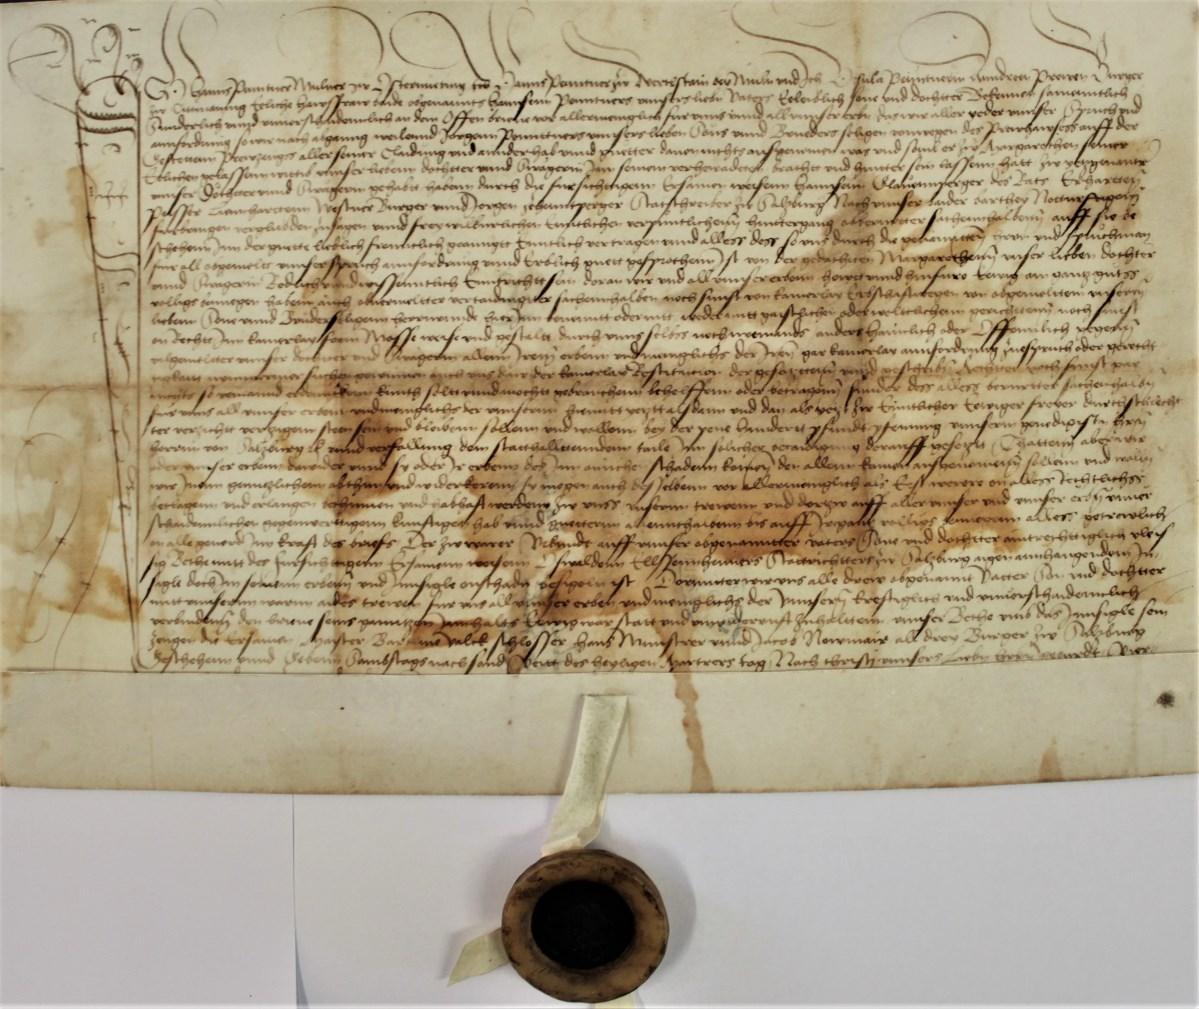 1492: Urkunde mit der ersten Erwähnung der späteren Stieglbrauerei